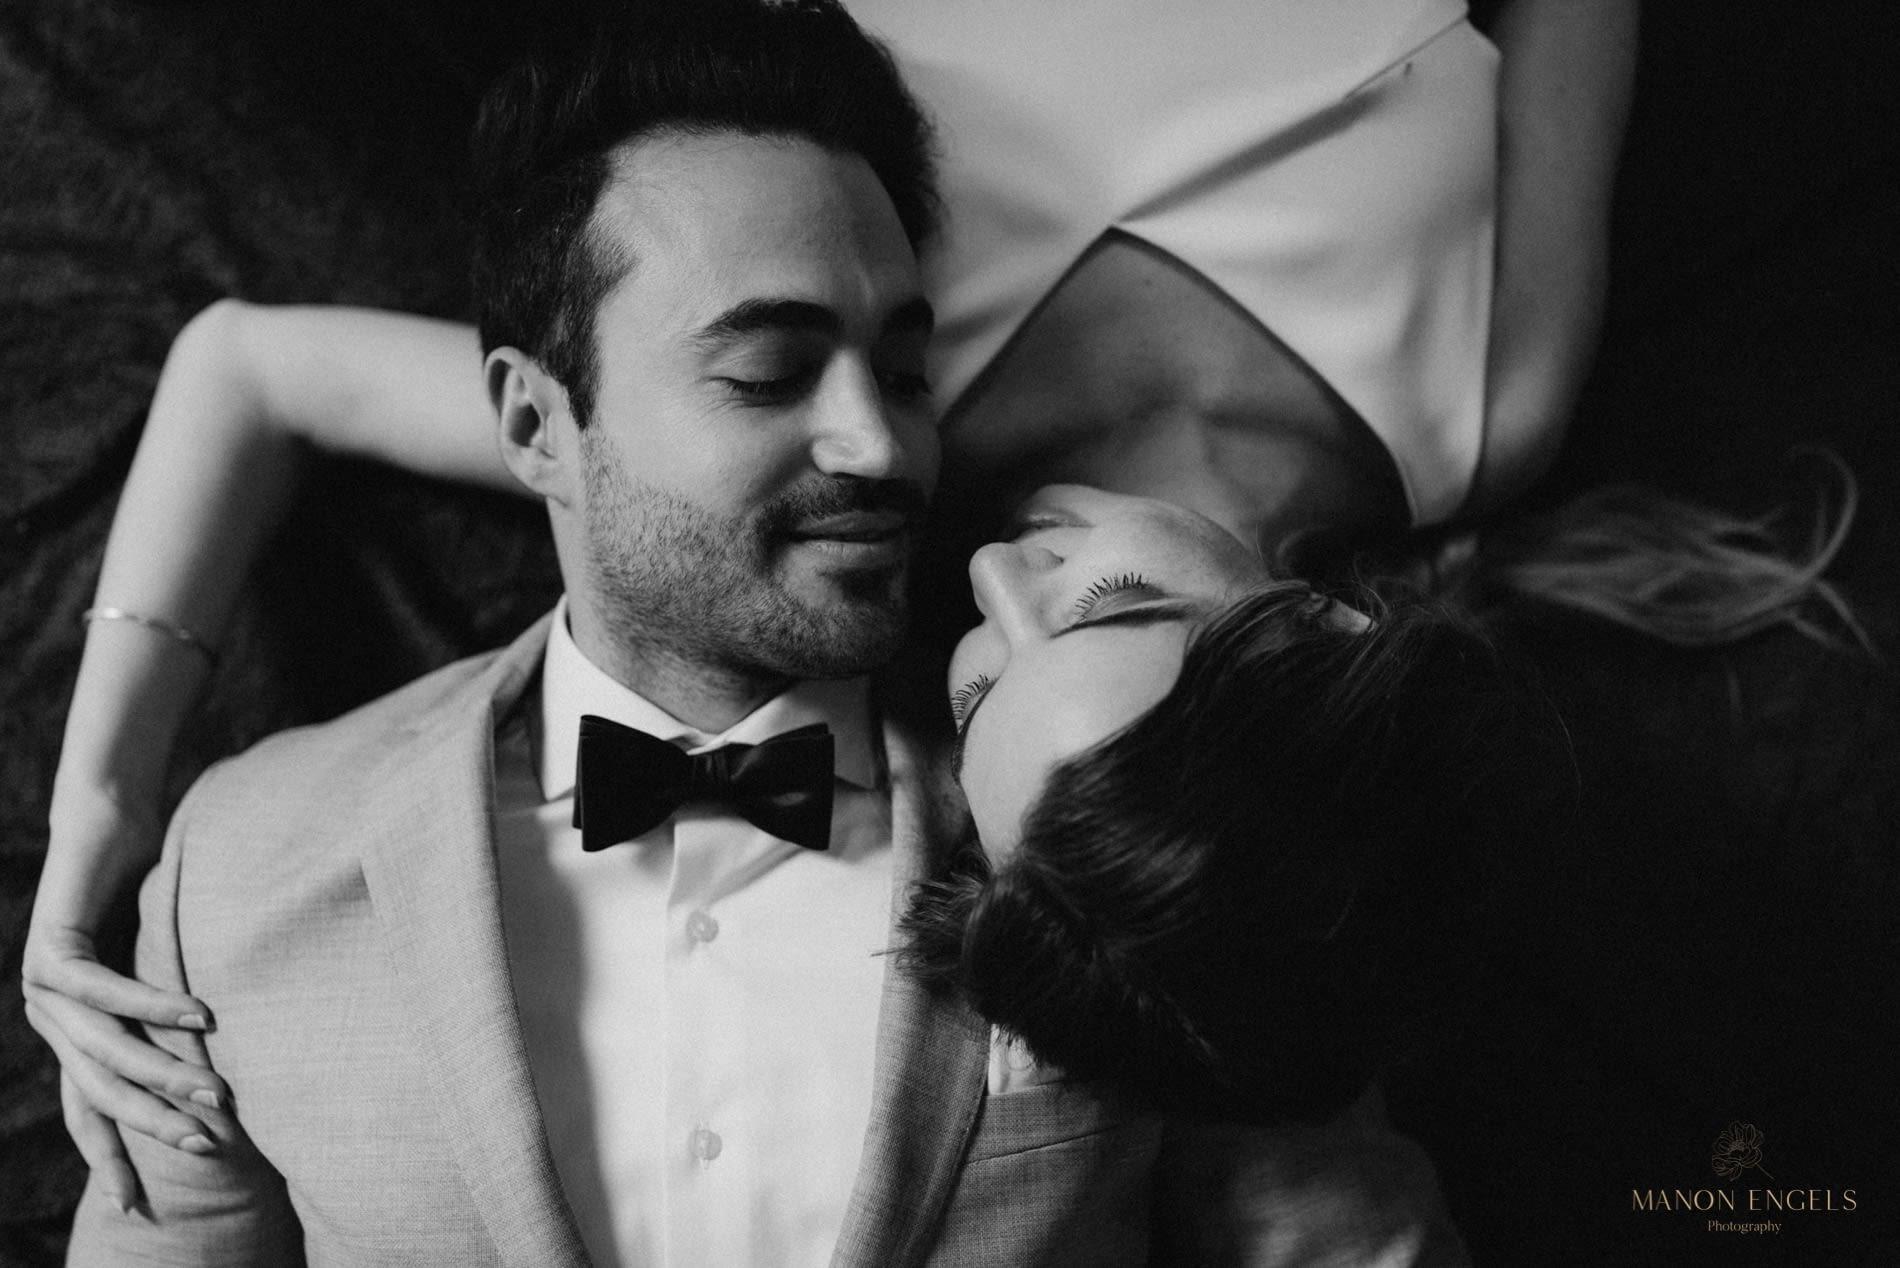 Persoonlijke trouwceremonie, persoonlijke trouwgeloften, trouwfotografie, huwelijksfotografie, Manon Engels Photography